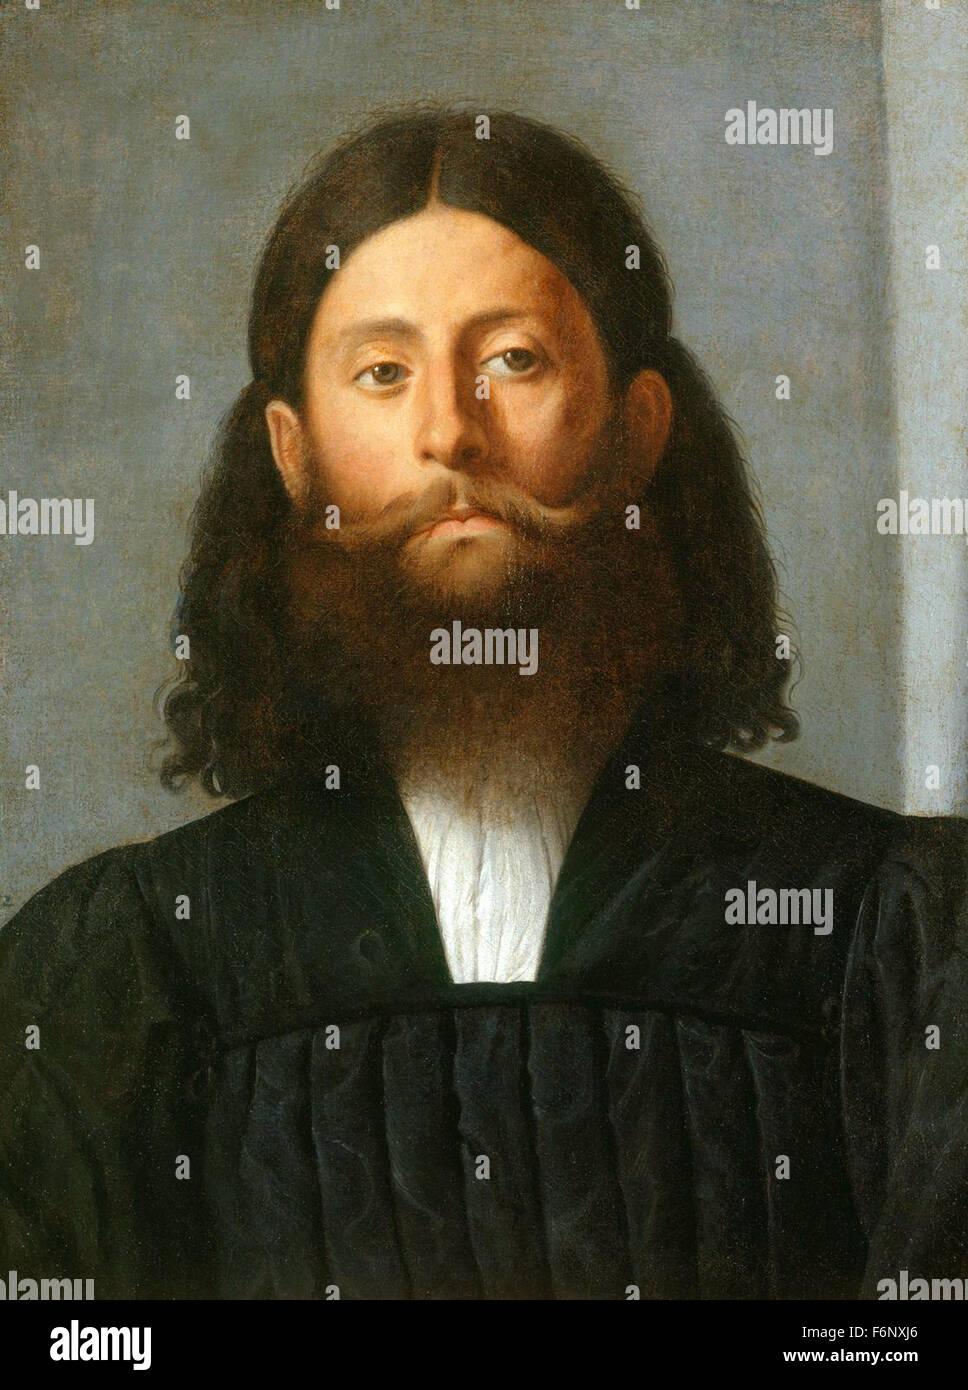 Lorenzo Lotto - Retrato de un hombre barbado Foto de stock